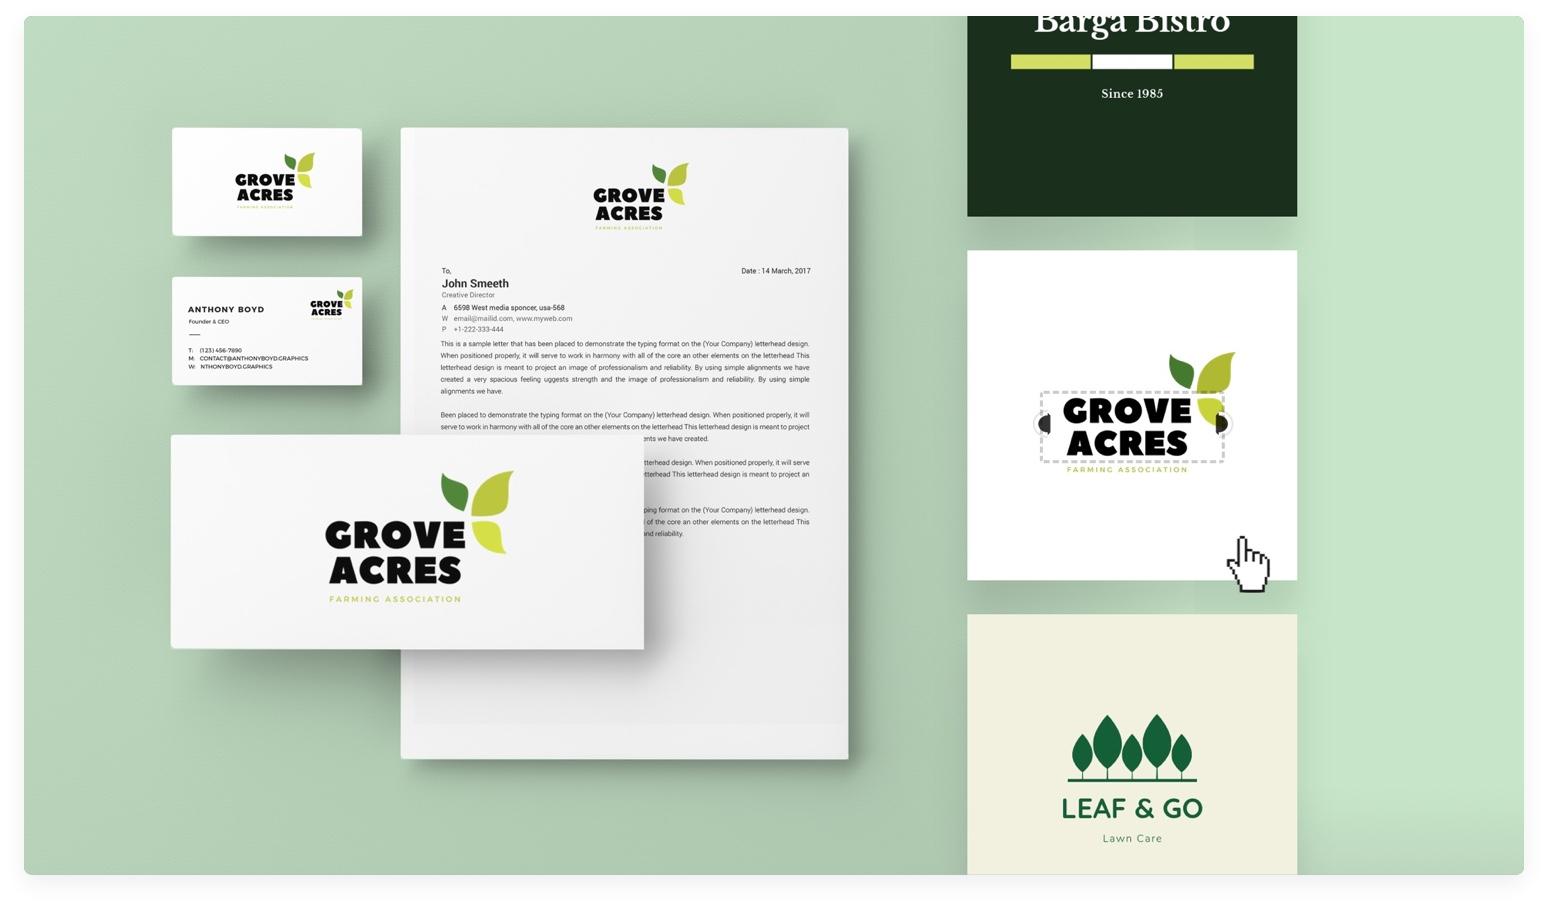 Creador de Logos: Crea Logos Gratis en 2 Minutos.